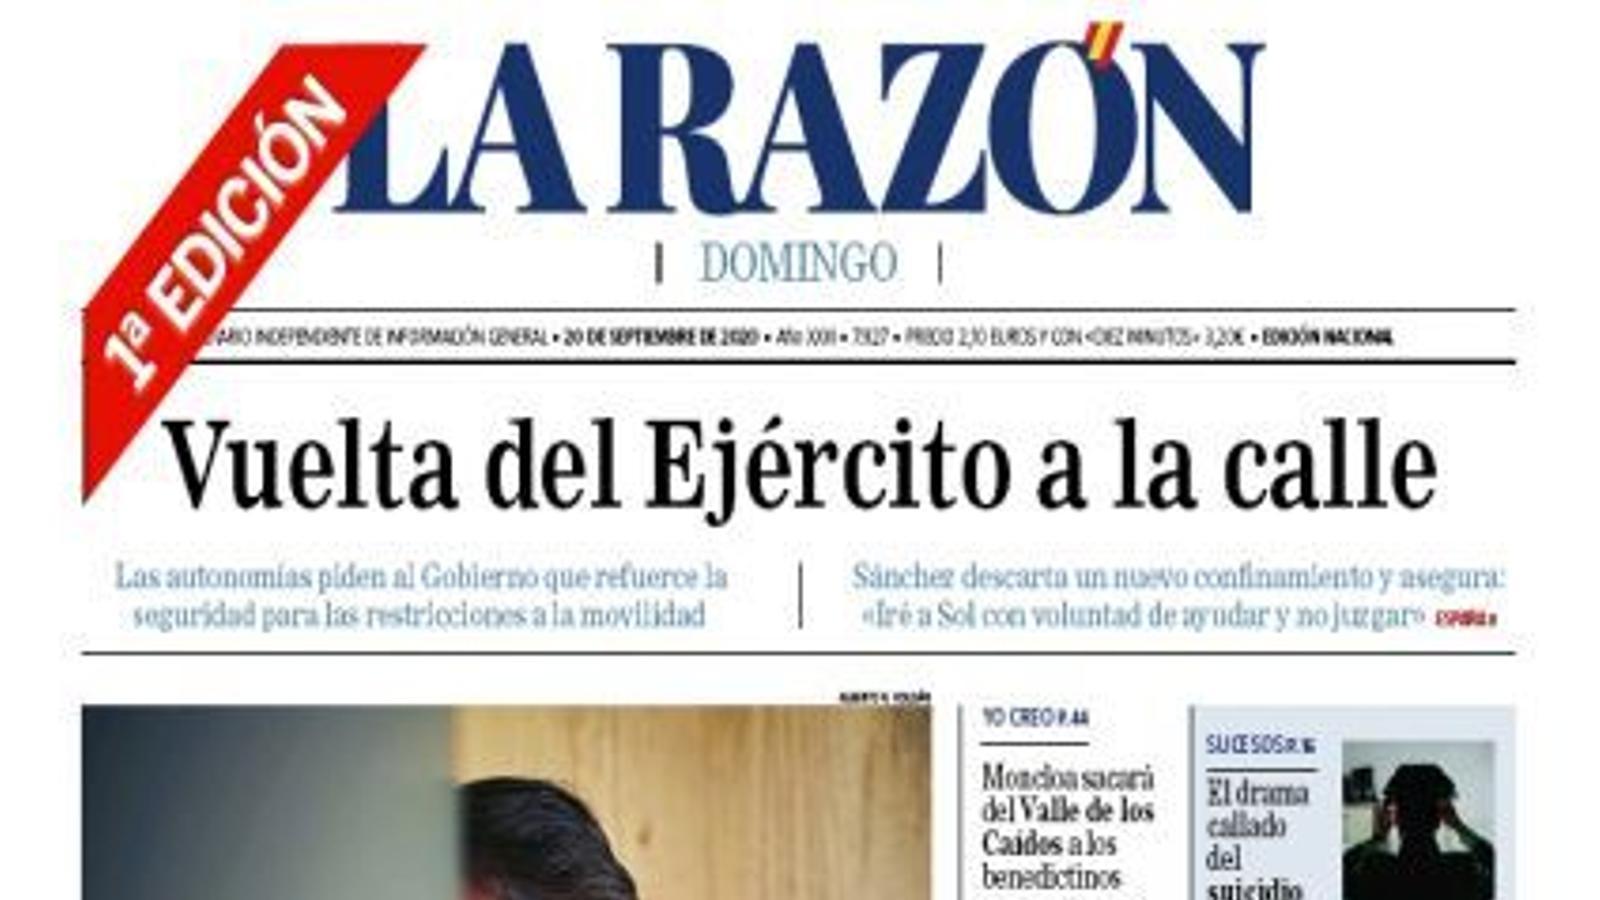 20/9/2020 La Razón